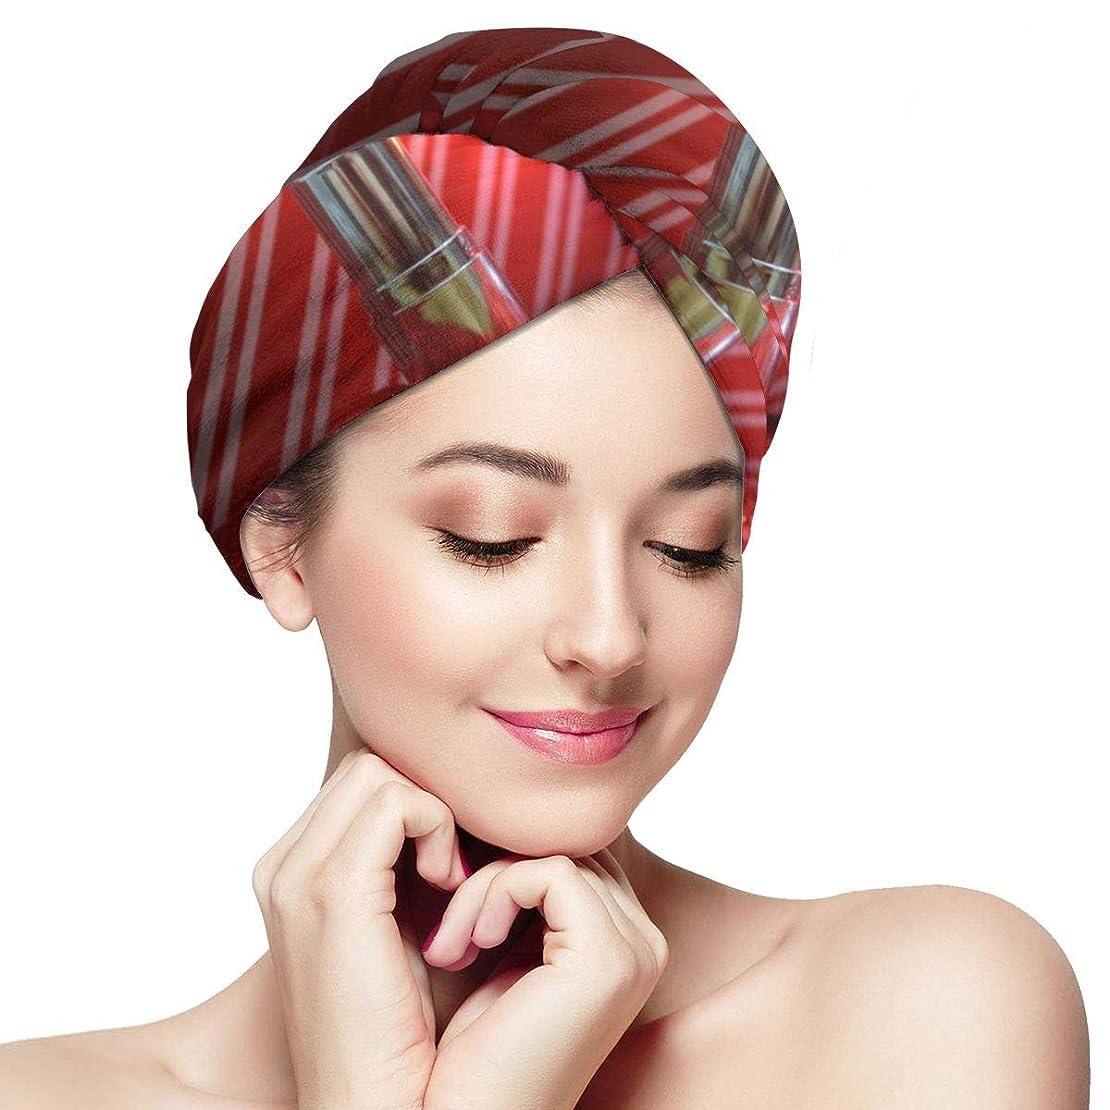 調停者貴重な伝記赤い口紅のギフトと女性のための美容マイクロファイバーヘアタオルラップ、11インチx 28インチ、カーリーを乾燥するための超吸収性クイックドライ髪ターバン